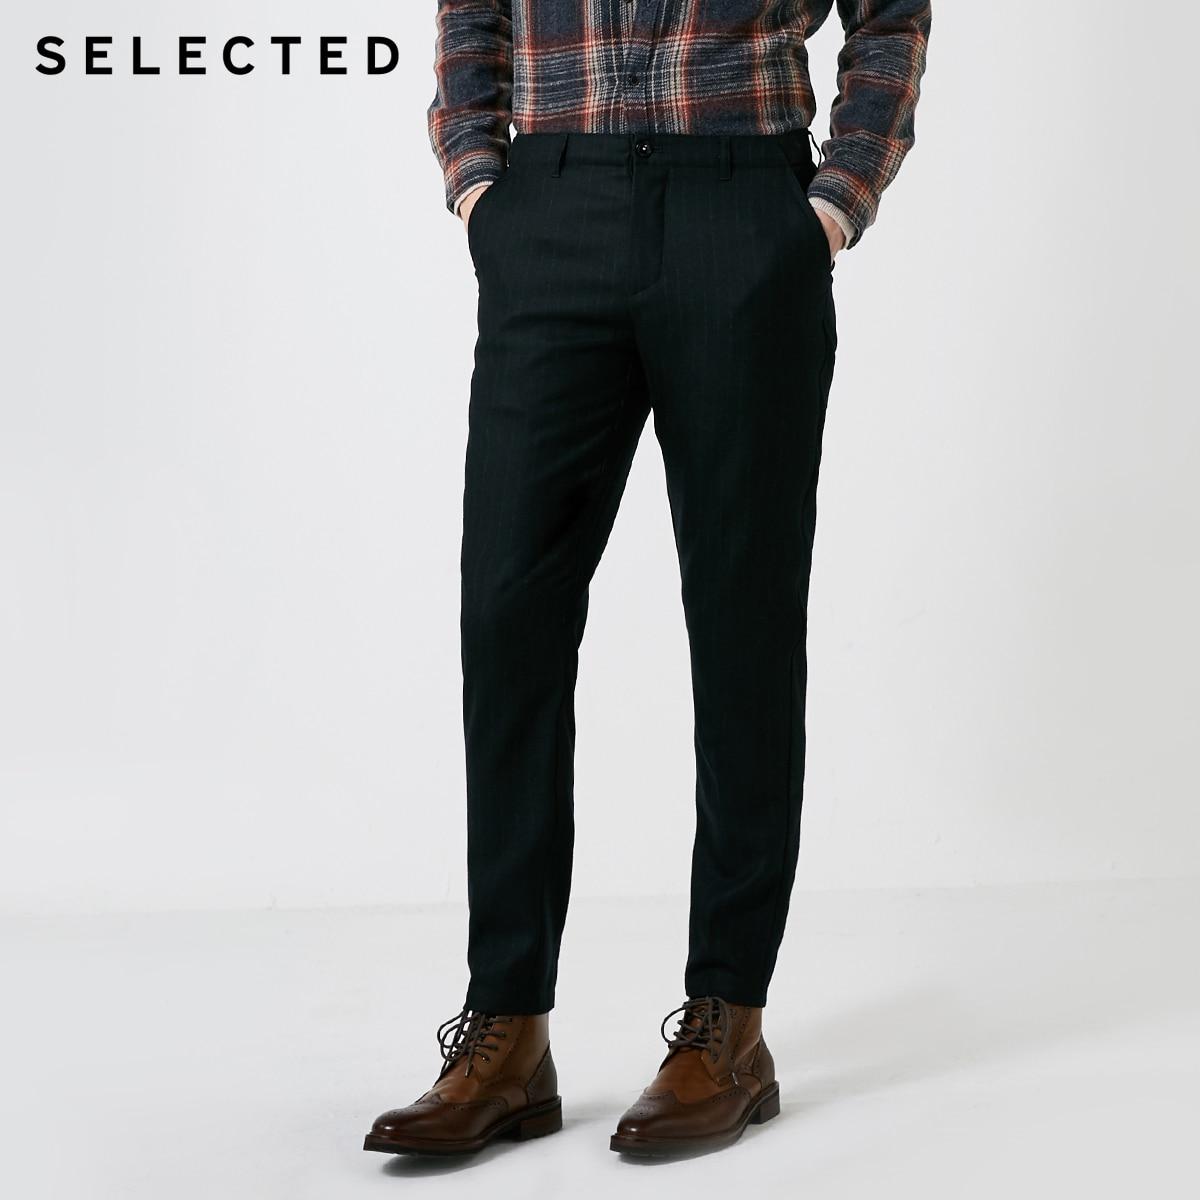 Pantalones informales elásticos a rayas de otoño e invierno para hombre seleccionados  418414523-in Pantalones pitillo from Ropa de hombre    2